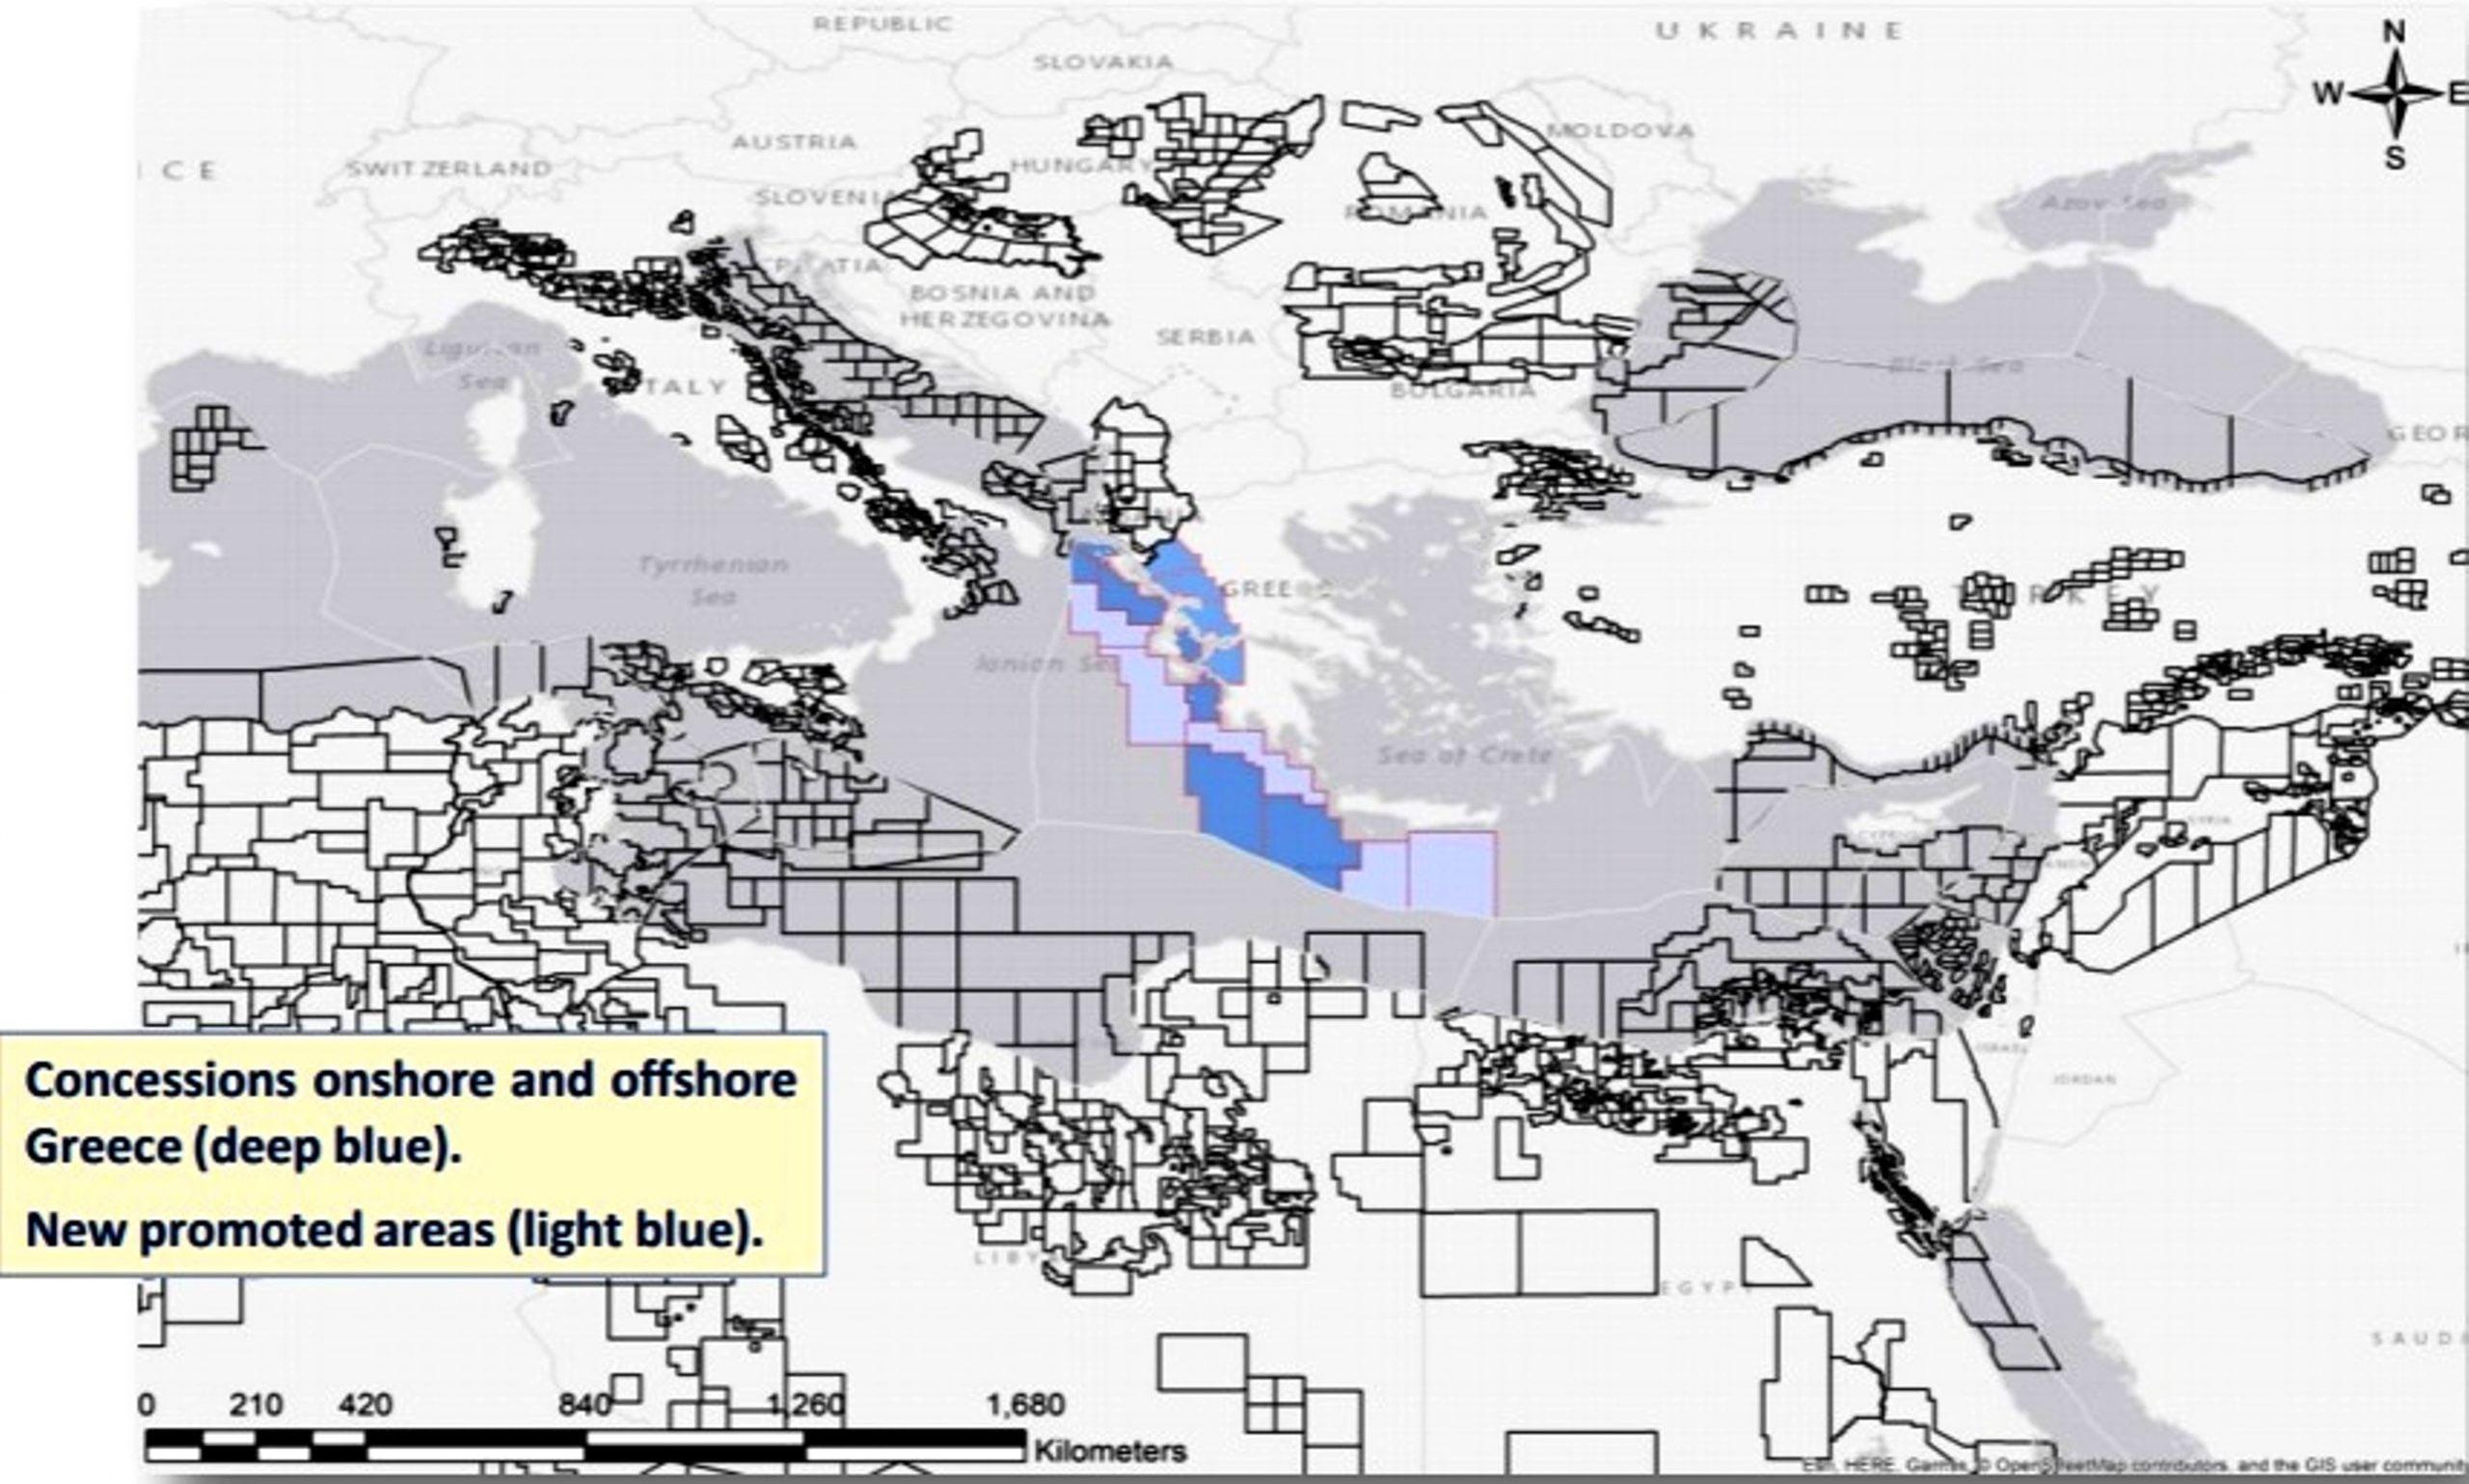 Ο Ενεργειακός Χάρτης της Ανατολικής Μεσογείου – Η Ελληνική Διάσταση